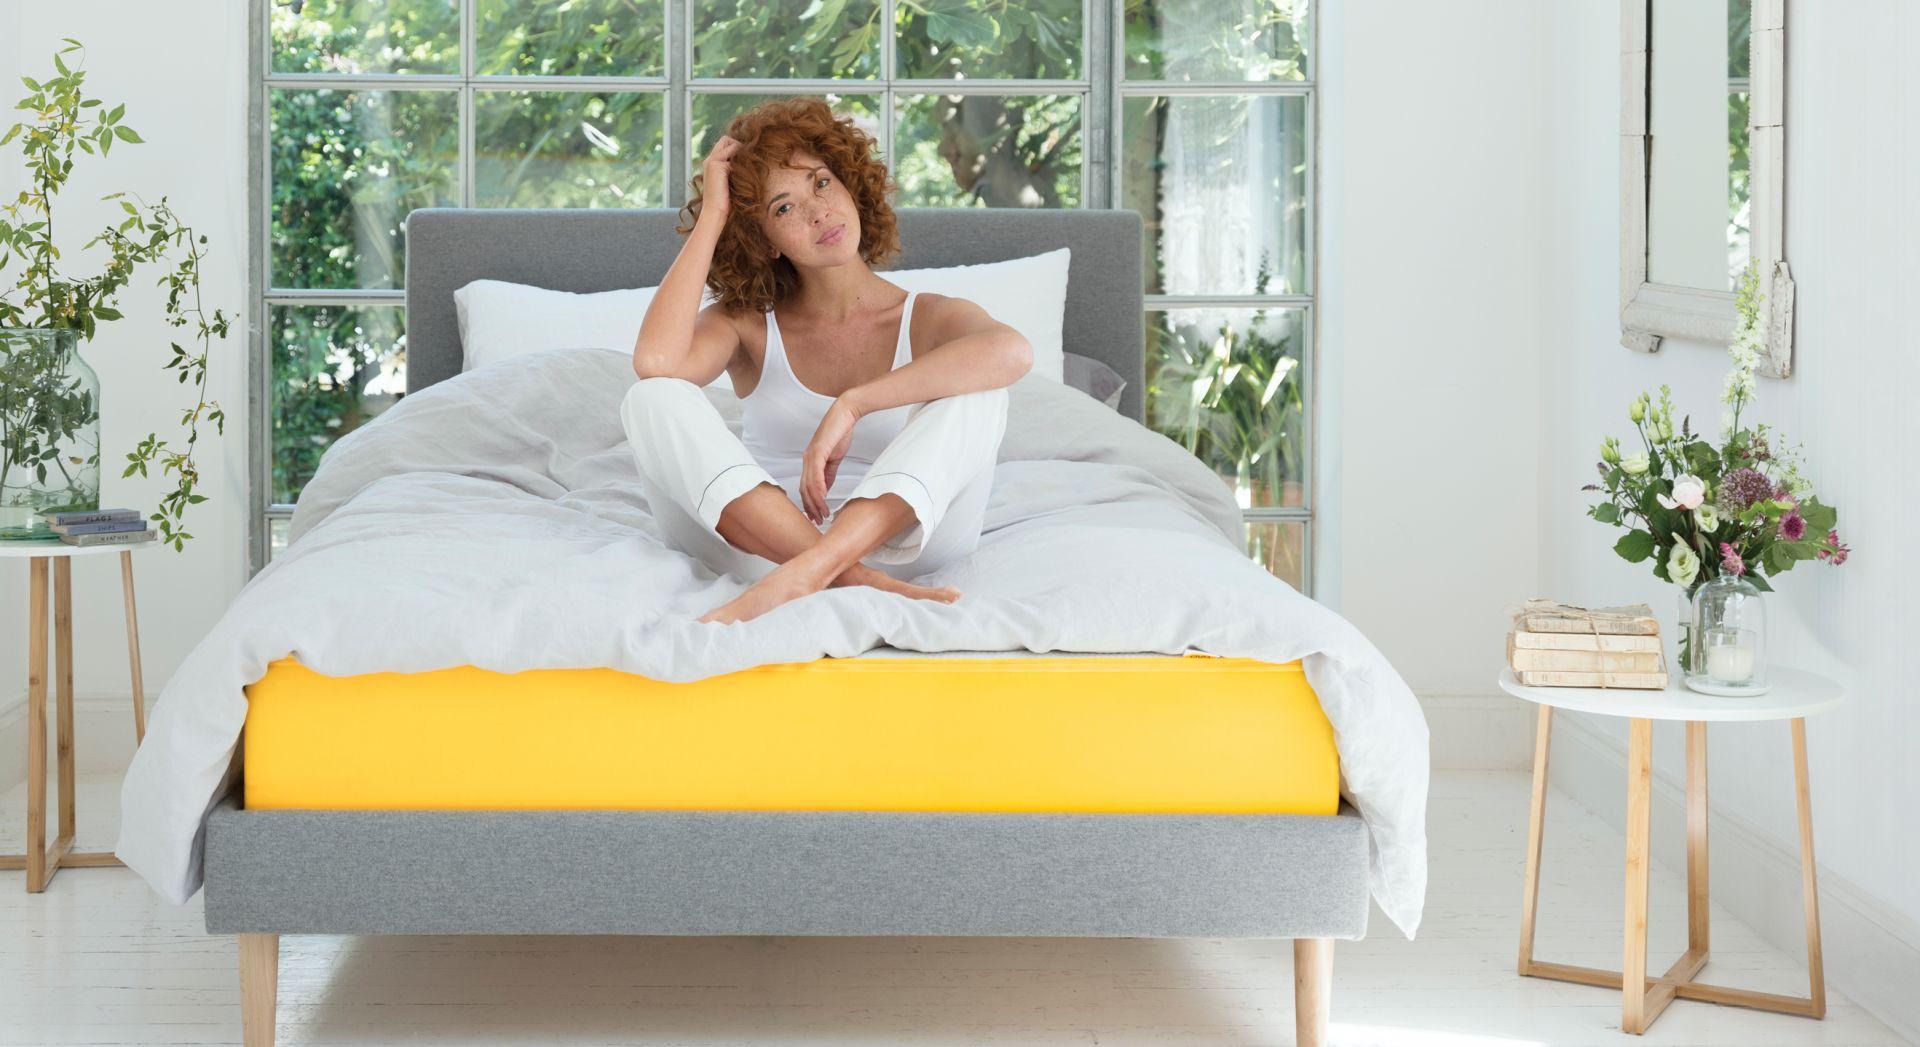 Łóżko eve  zagłówkiem. Fot. eve Sleep